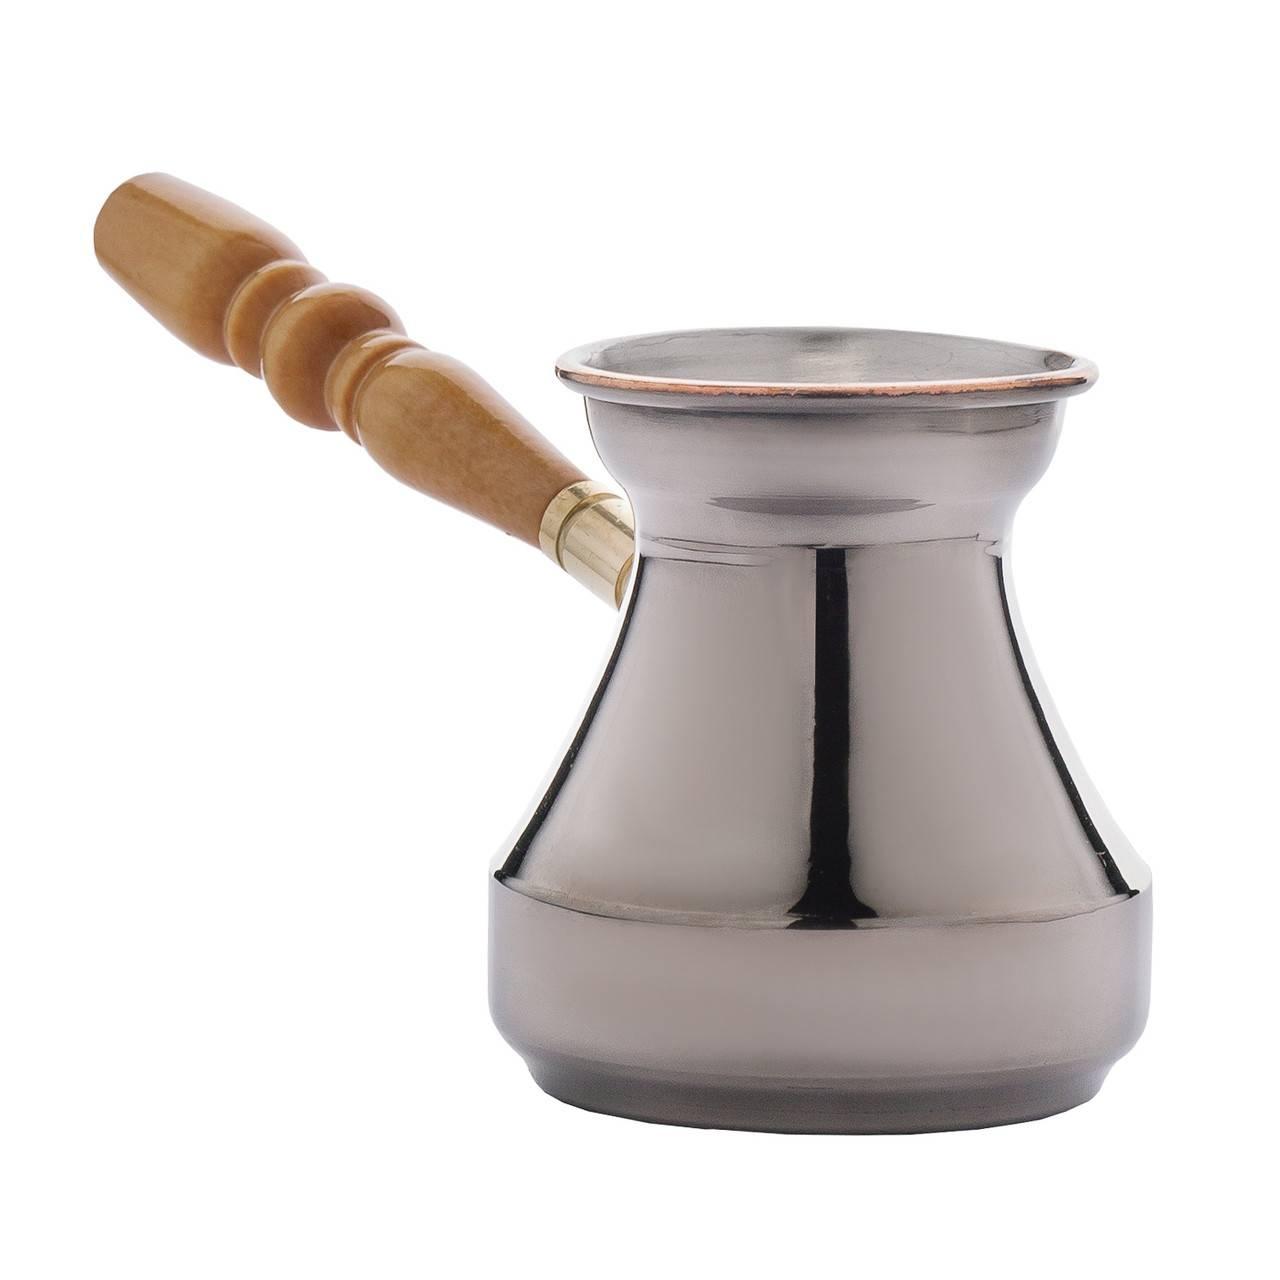 Керамические турки: описание и использование